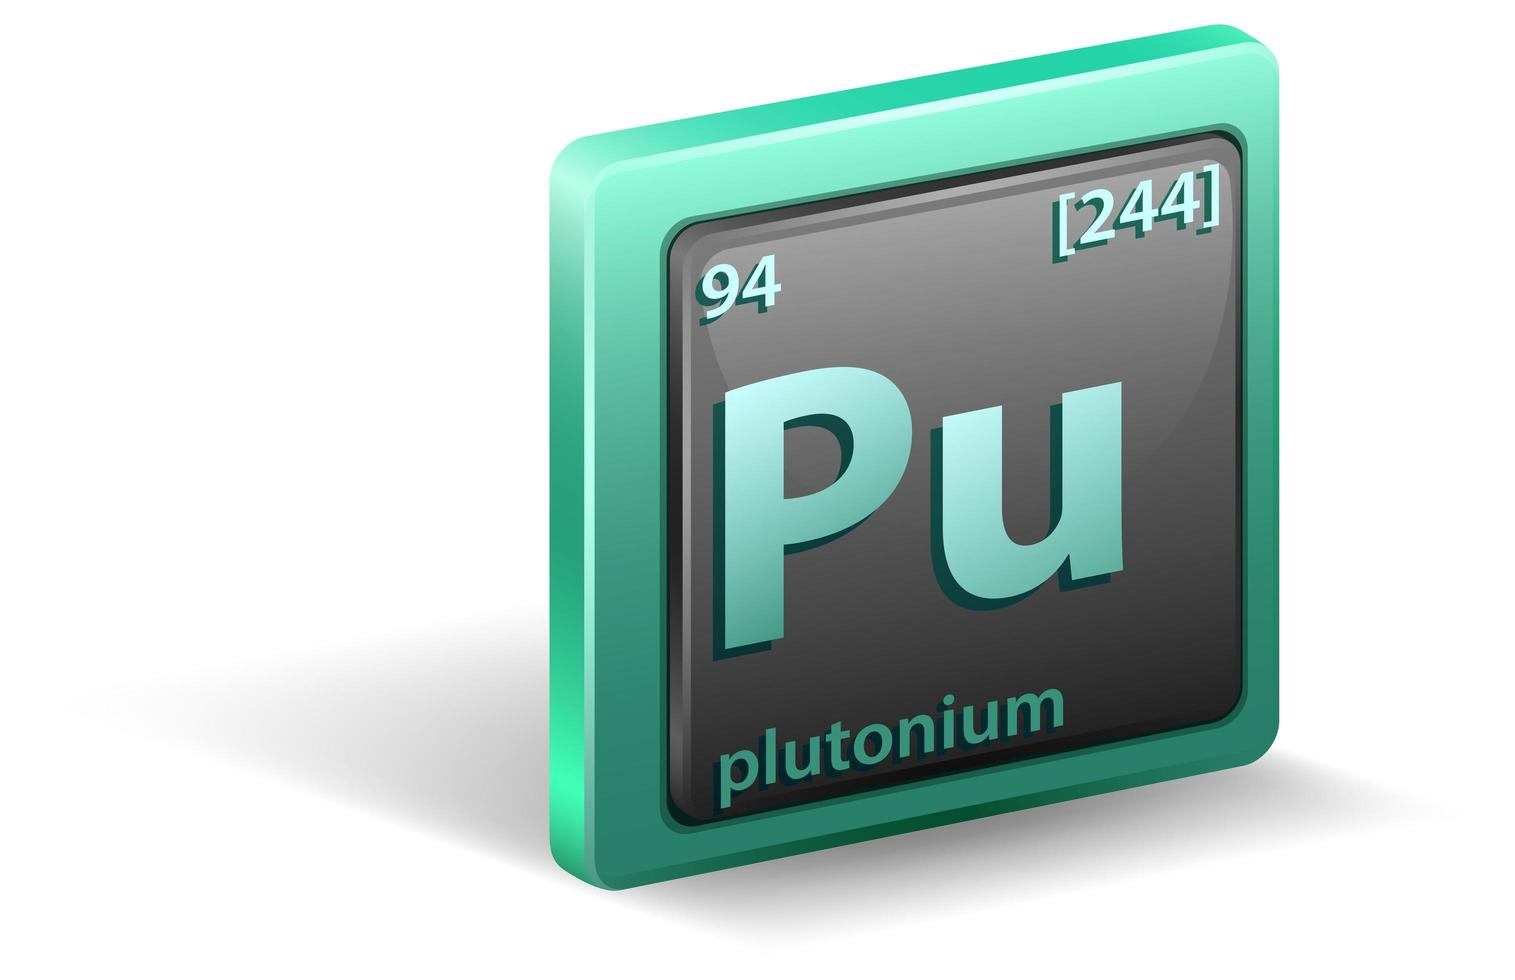 élément chimique de plutonium. symbole chimique avec numéro atomique et masse atomique. vecteur